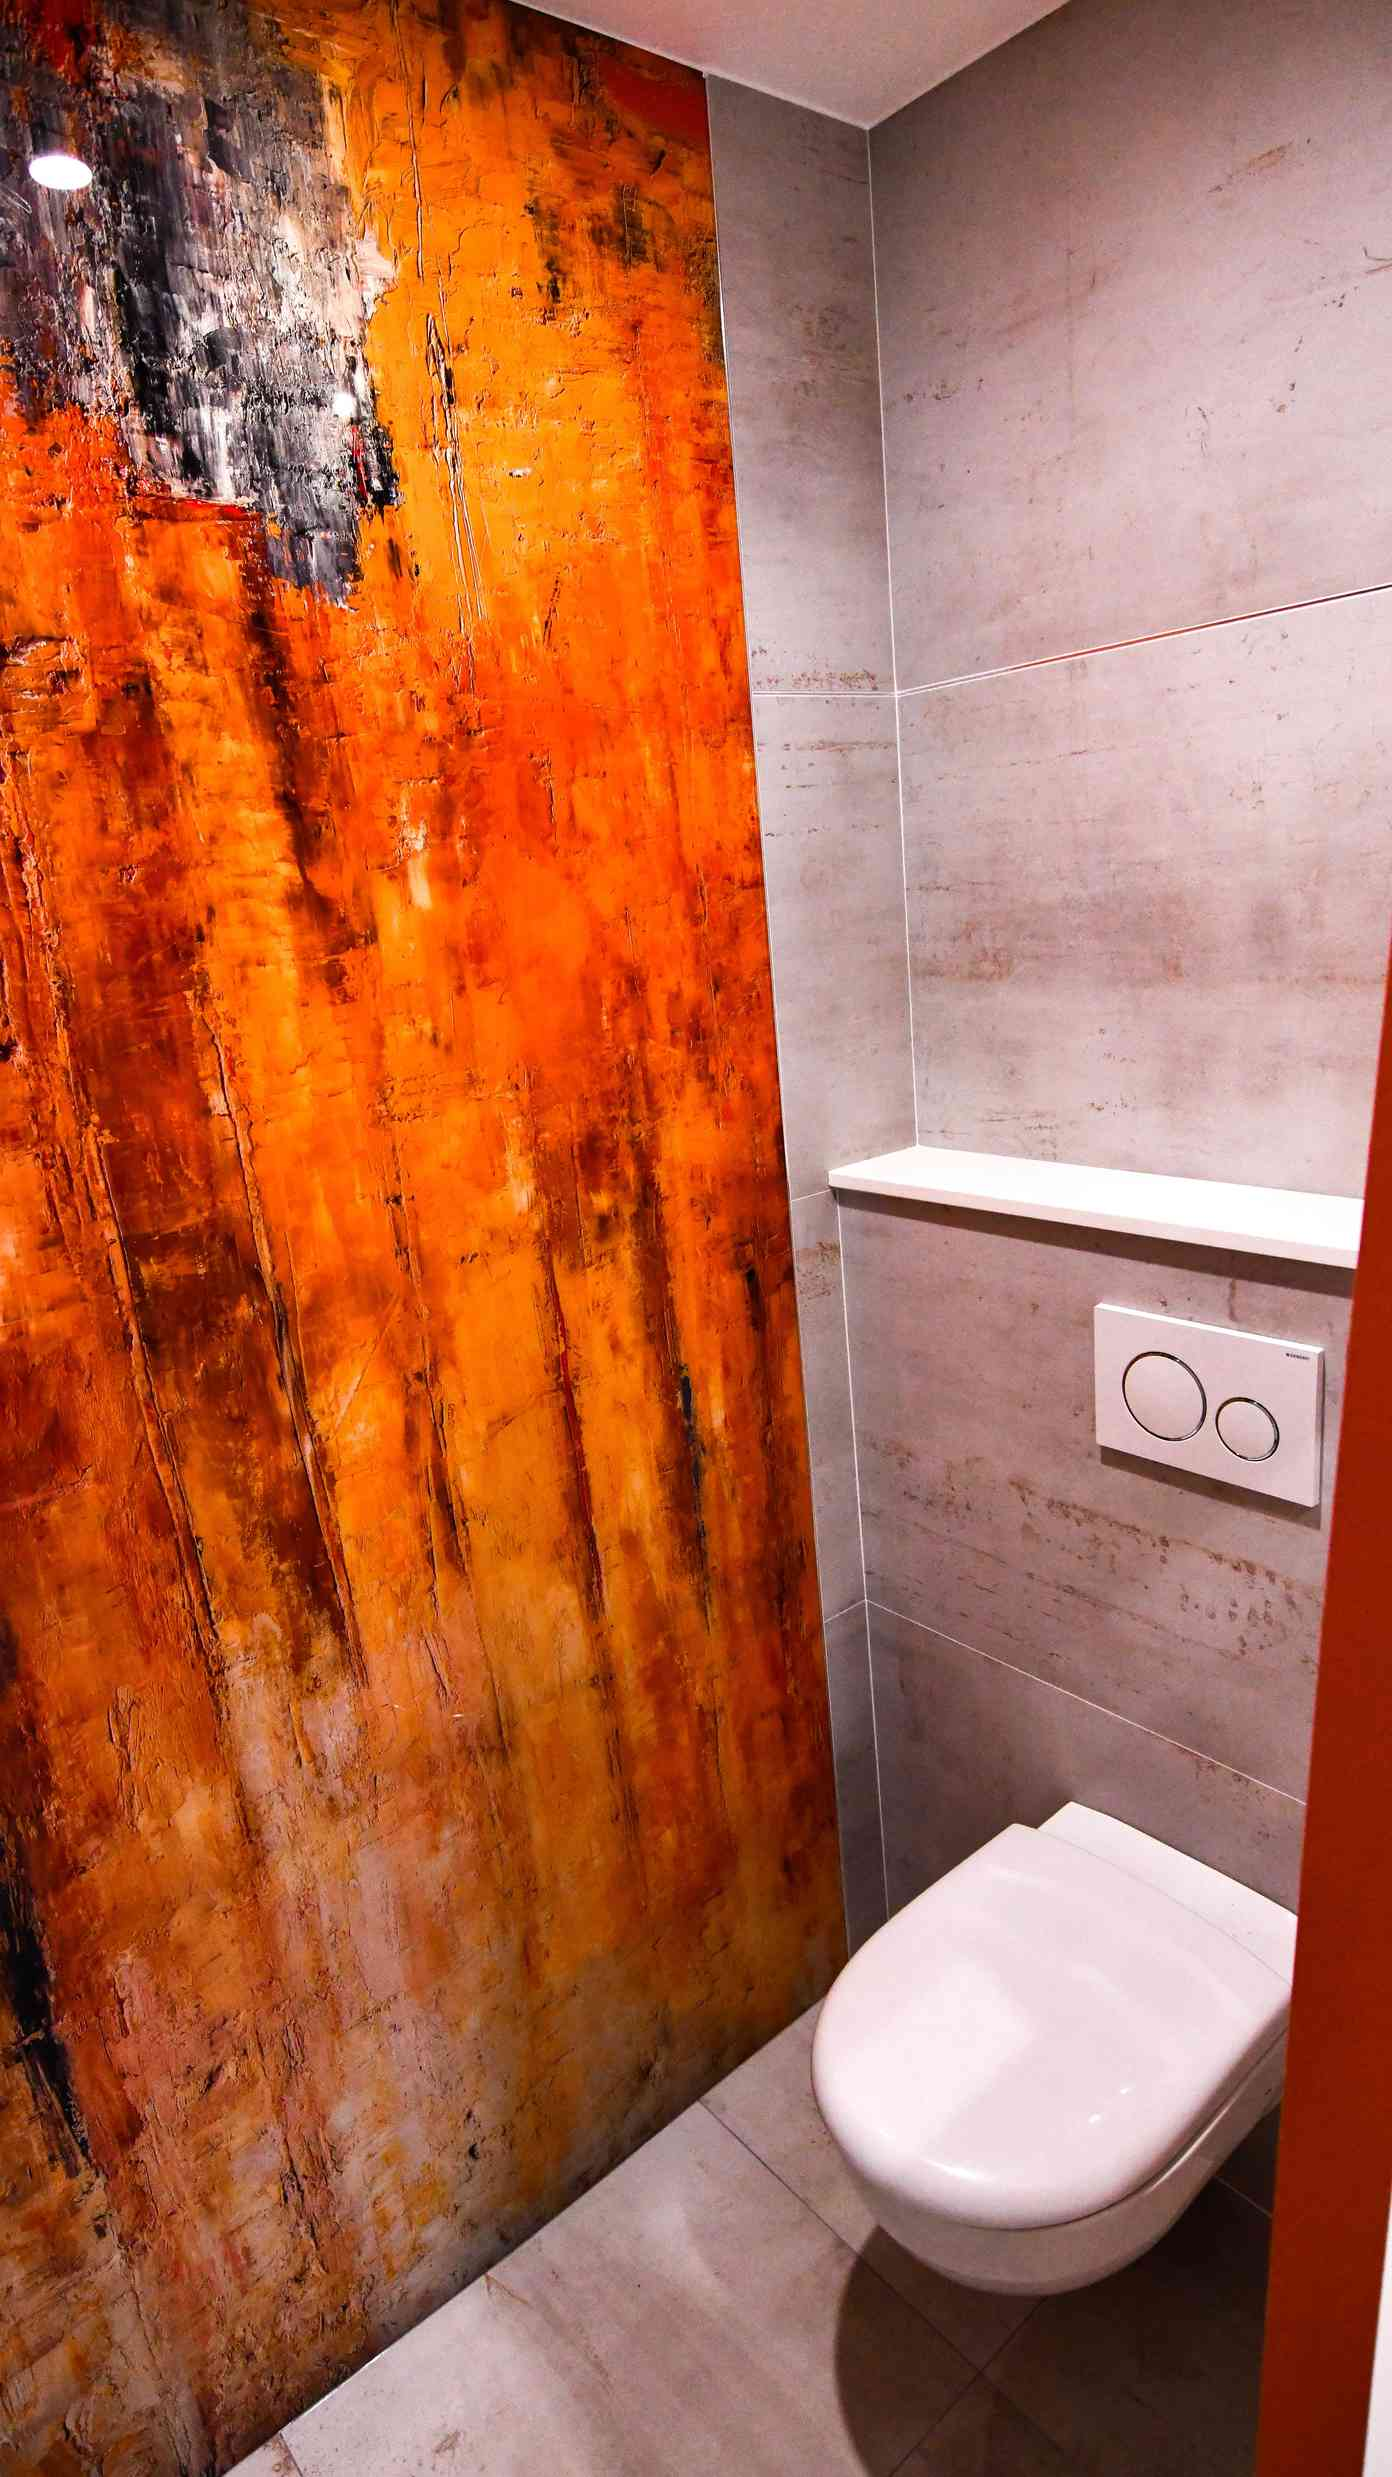 1 Salle de bains contemporaine aux lignes courbées 4 - Salle de bains contemporaine aux lignes courbées